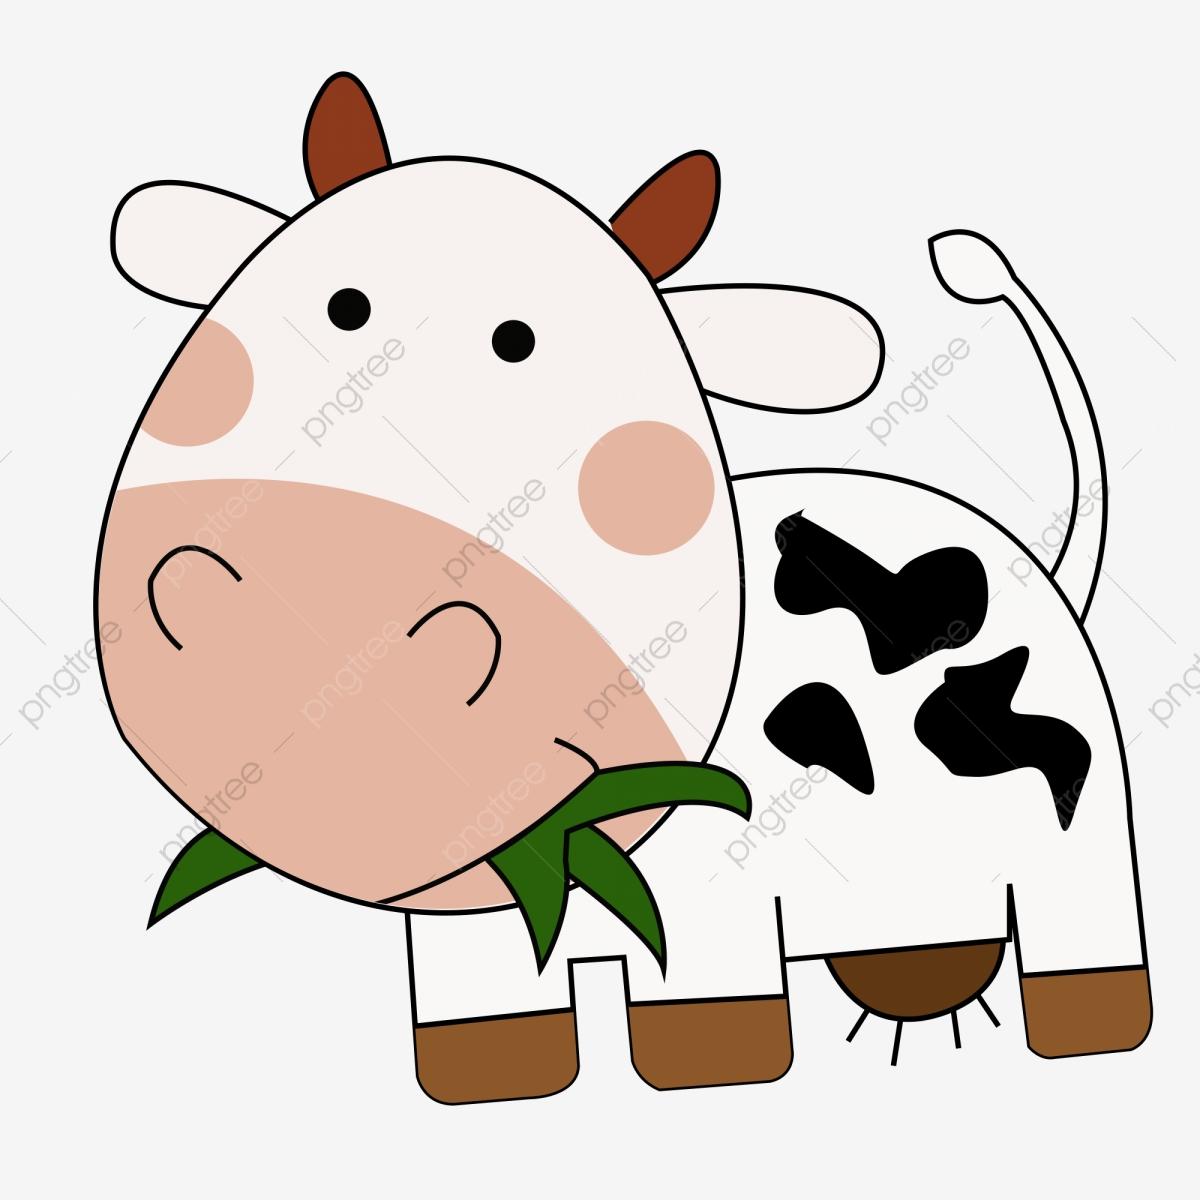 Childrens Dibujo Vaca Vaca Animal De Ganado, Animal.